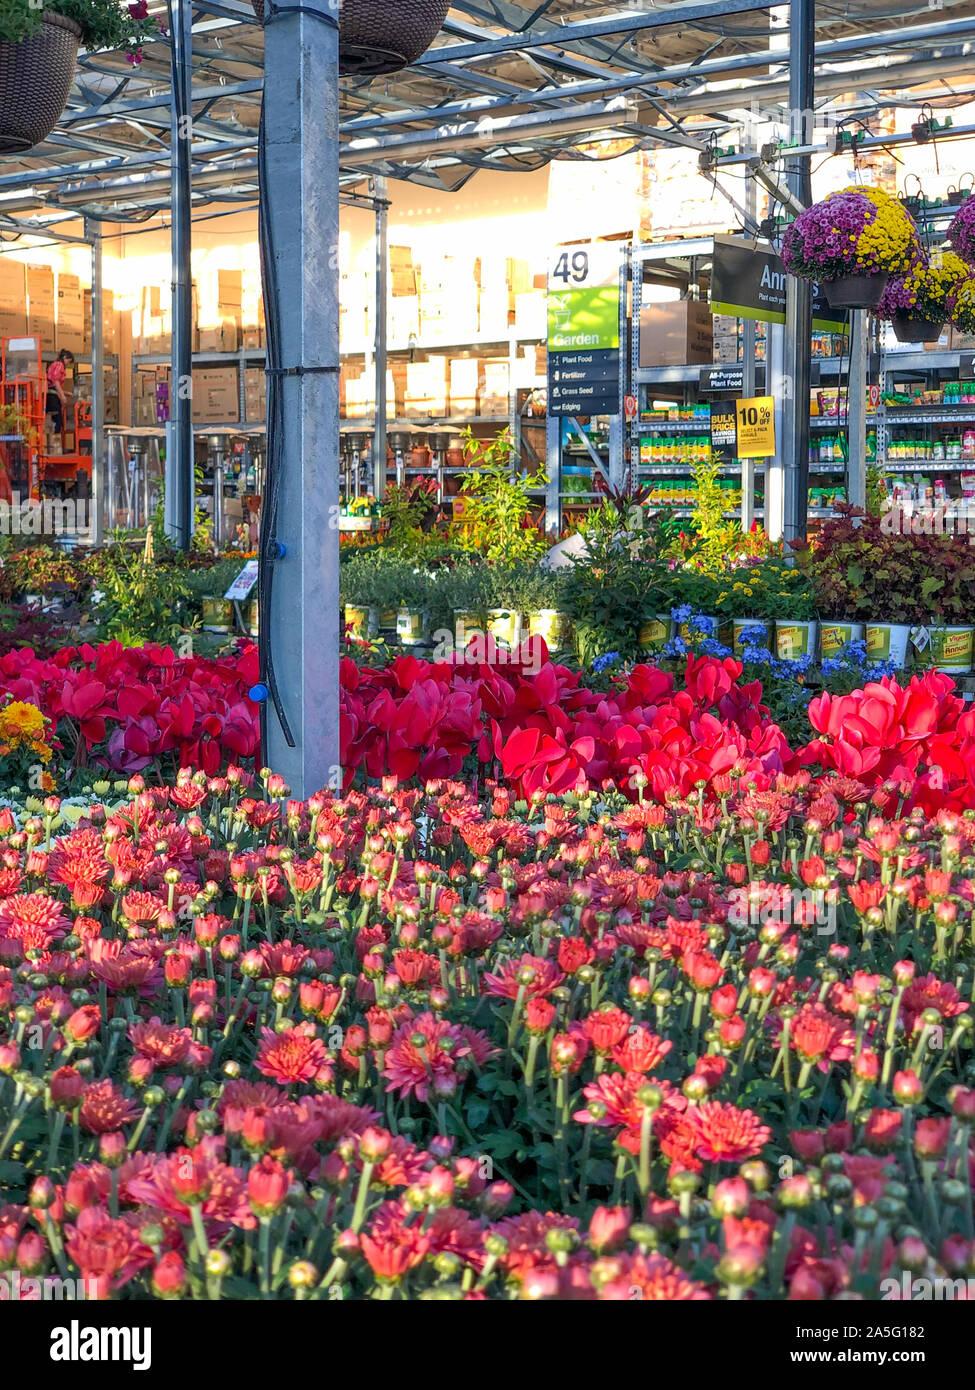 Planta De Luz Home Depot : planta, depot, Filas, Coloridas, Flores, Plantas, Venta, Jardín, Vivero, Depot,, Diego,, EE.UU.., Octubre, 15th,, Fotografía, Stock, Alamy